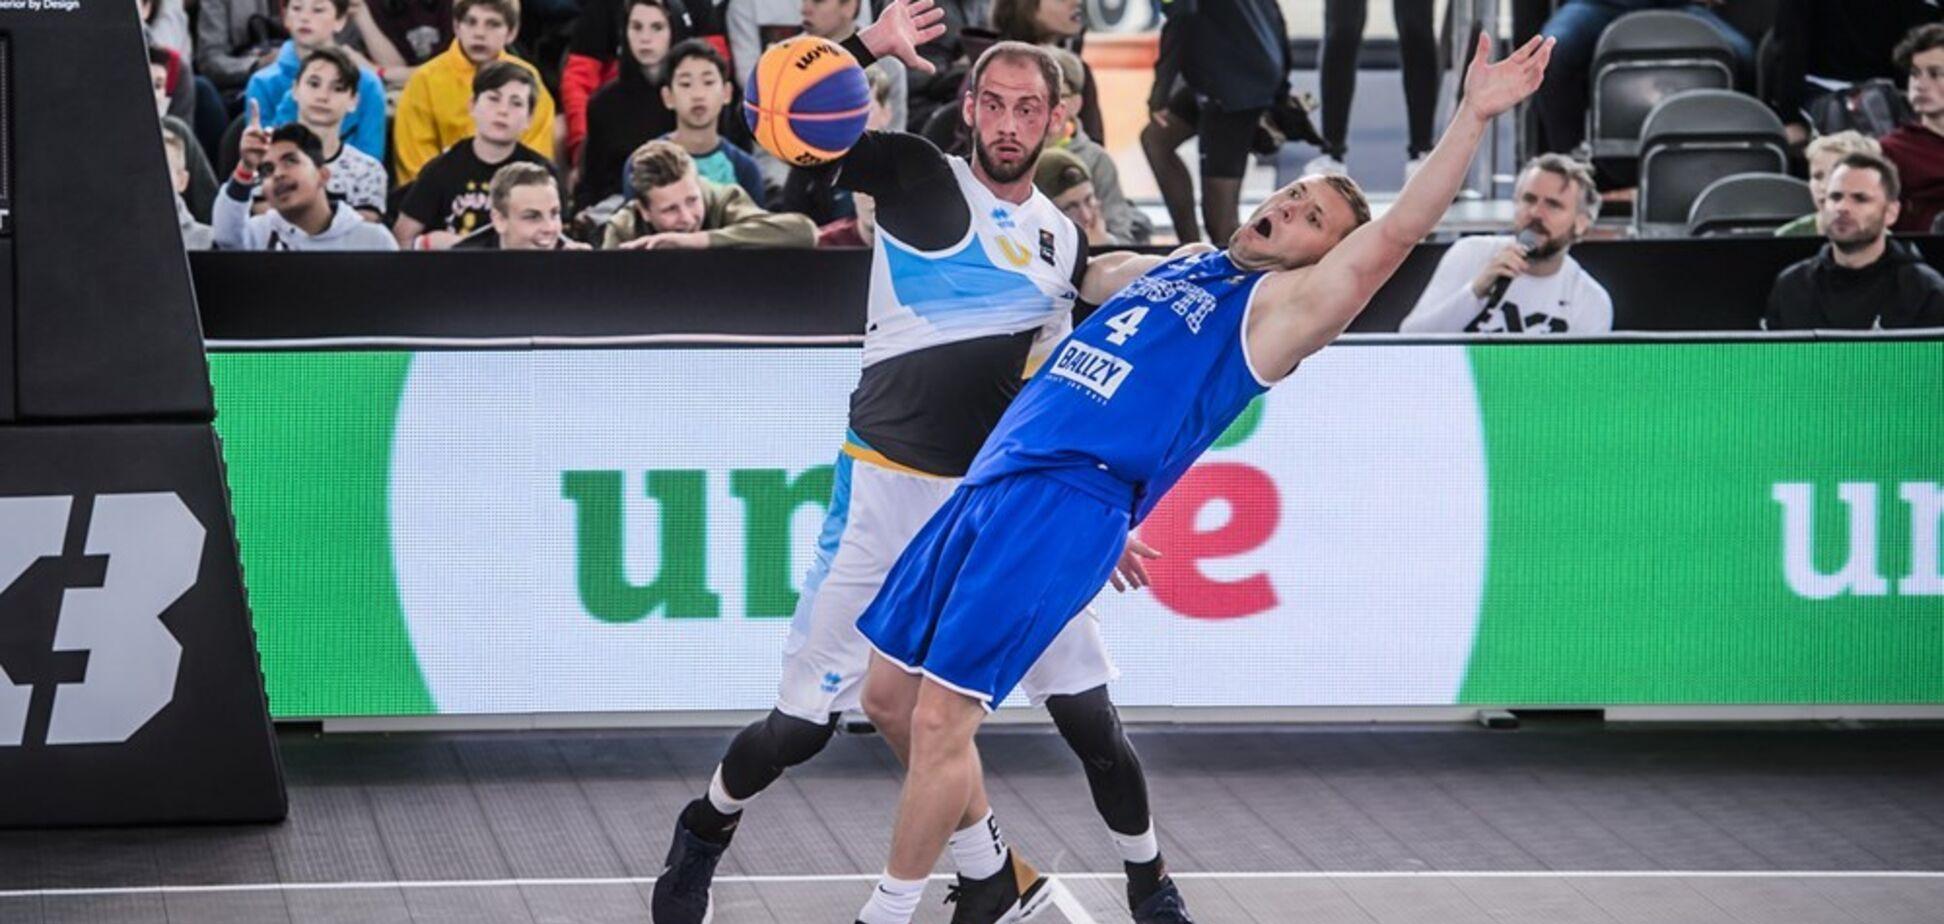 Пройде в Україні! ФБУ презентувала промо історичної події в баскетболі 3х3